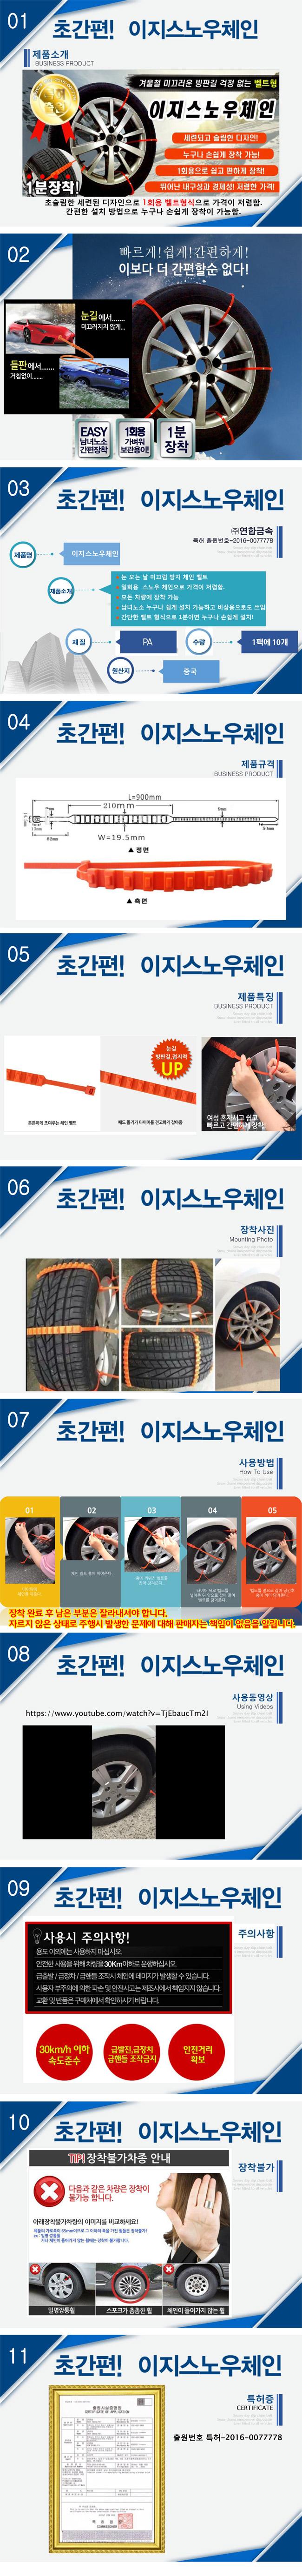 초간편 이지 스노우체인 / 벨트형 / 1회용 / 10P 세트